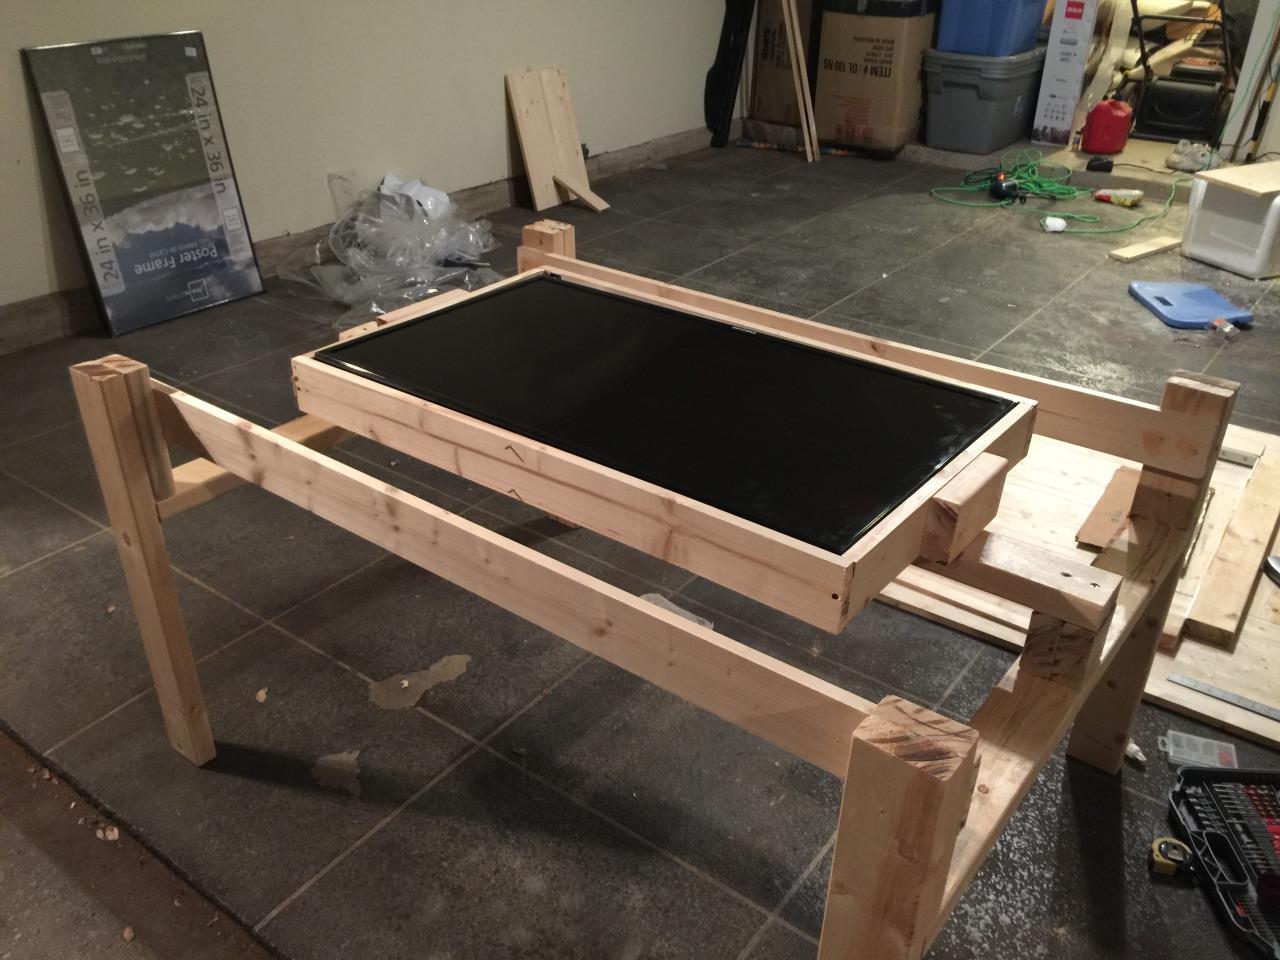 Le fasi di costruzione del tavolo per D&D